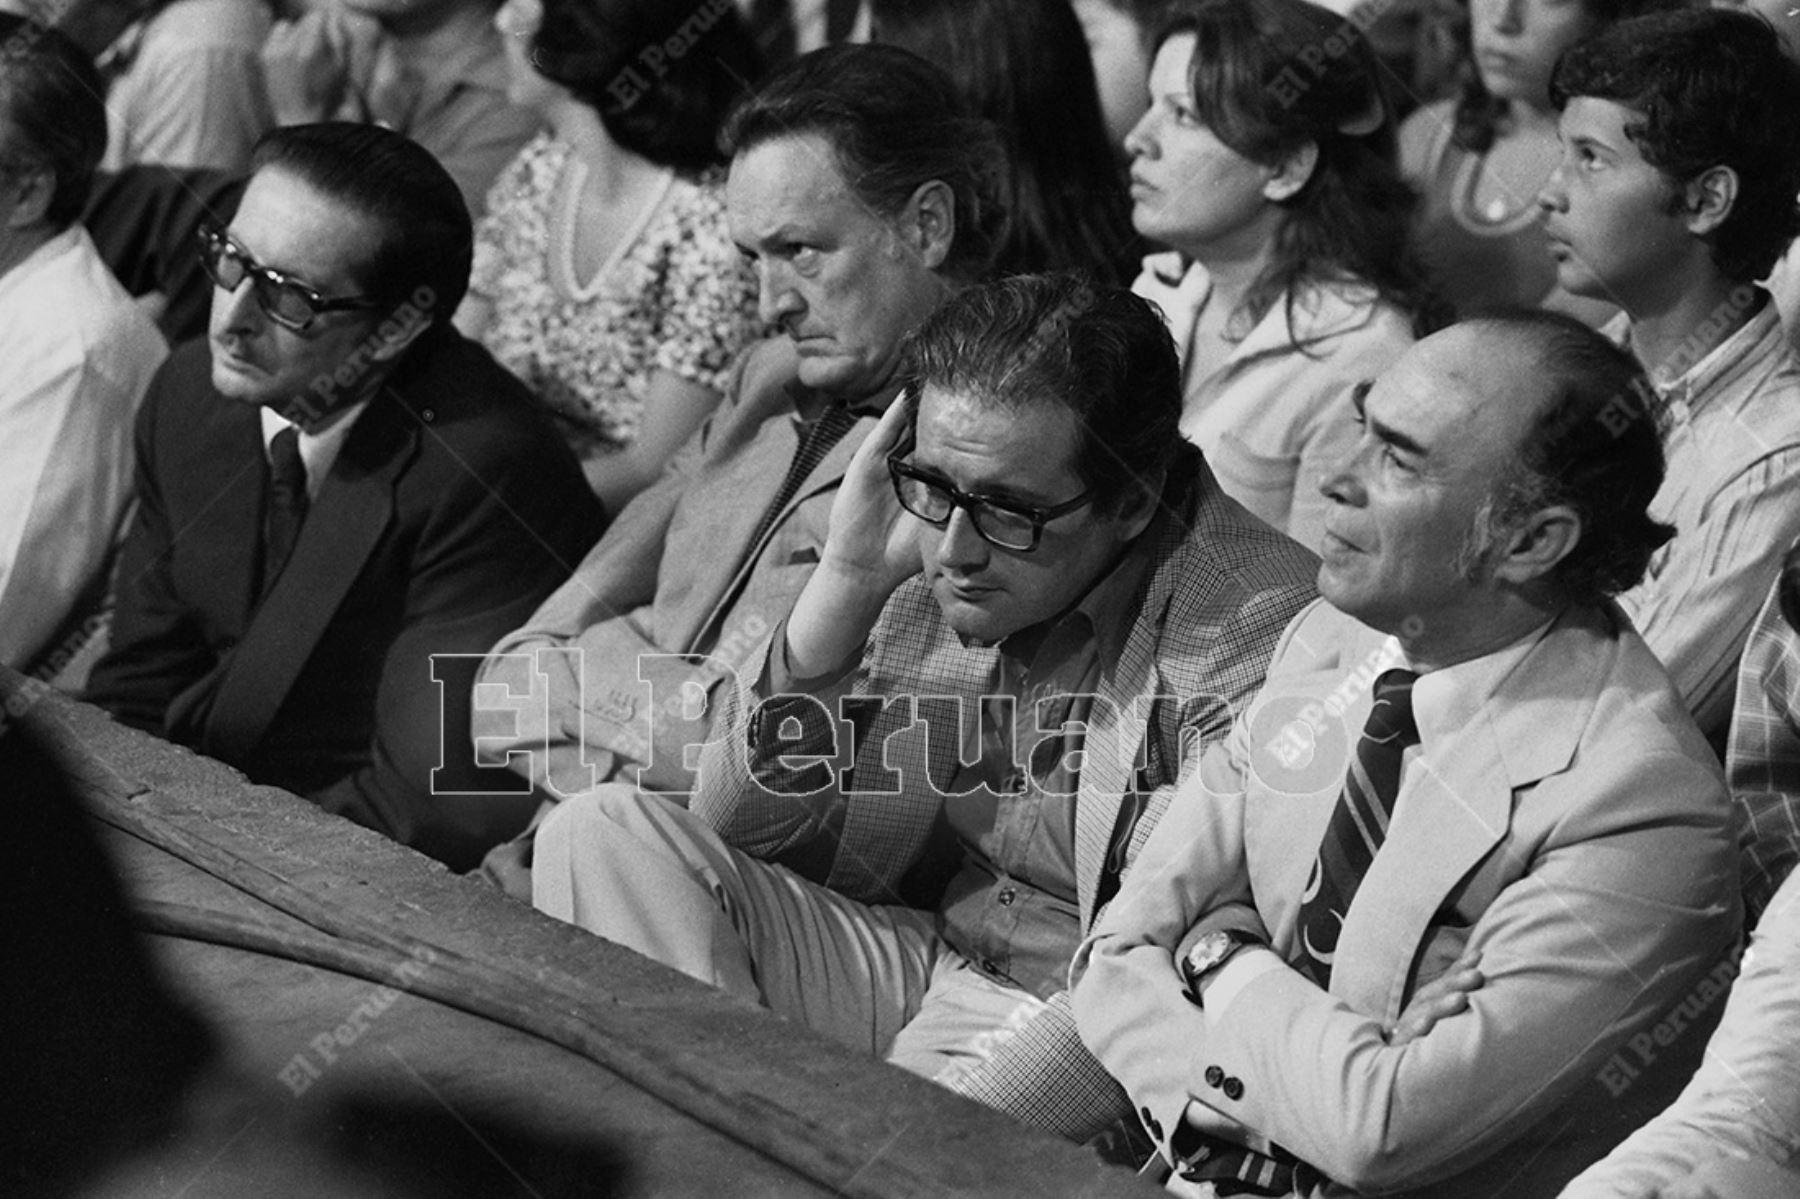 Lima - 18 diciembre 1978 / Javier Alva Orlandini, Manuel Ulloa Elías y Manuel d